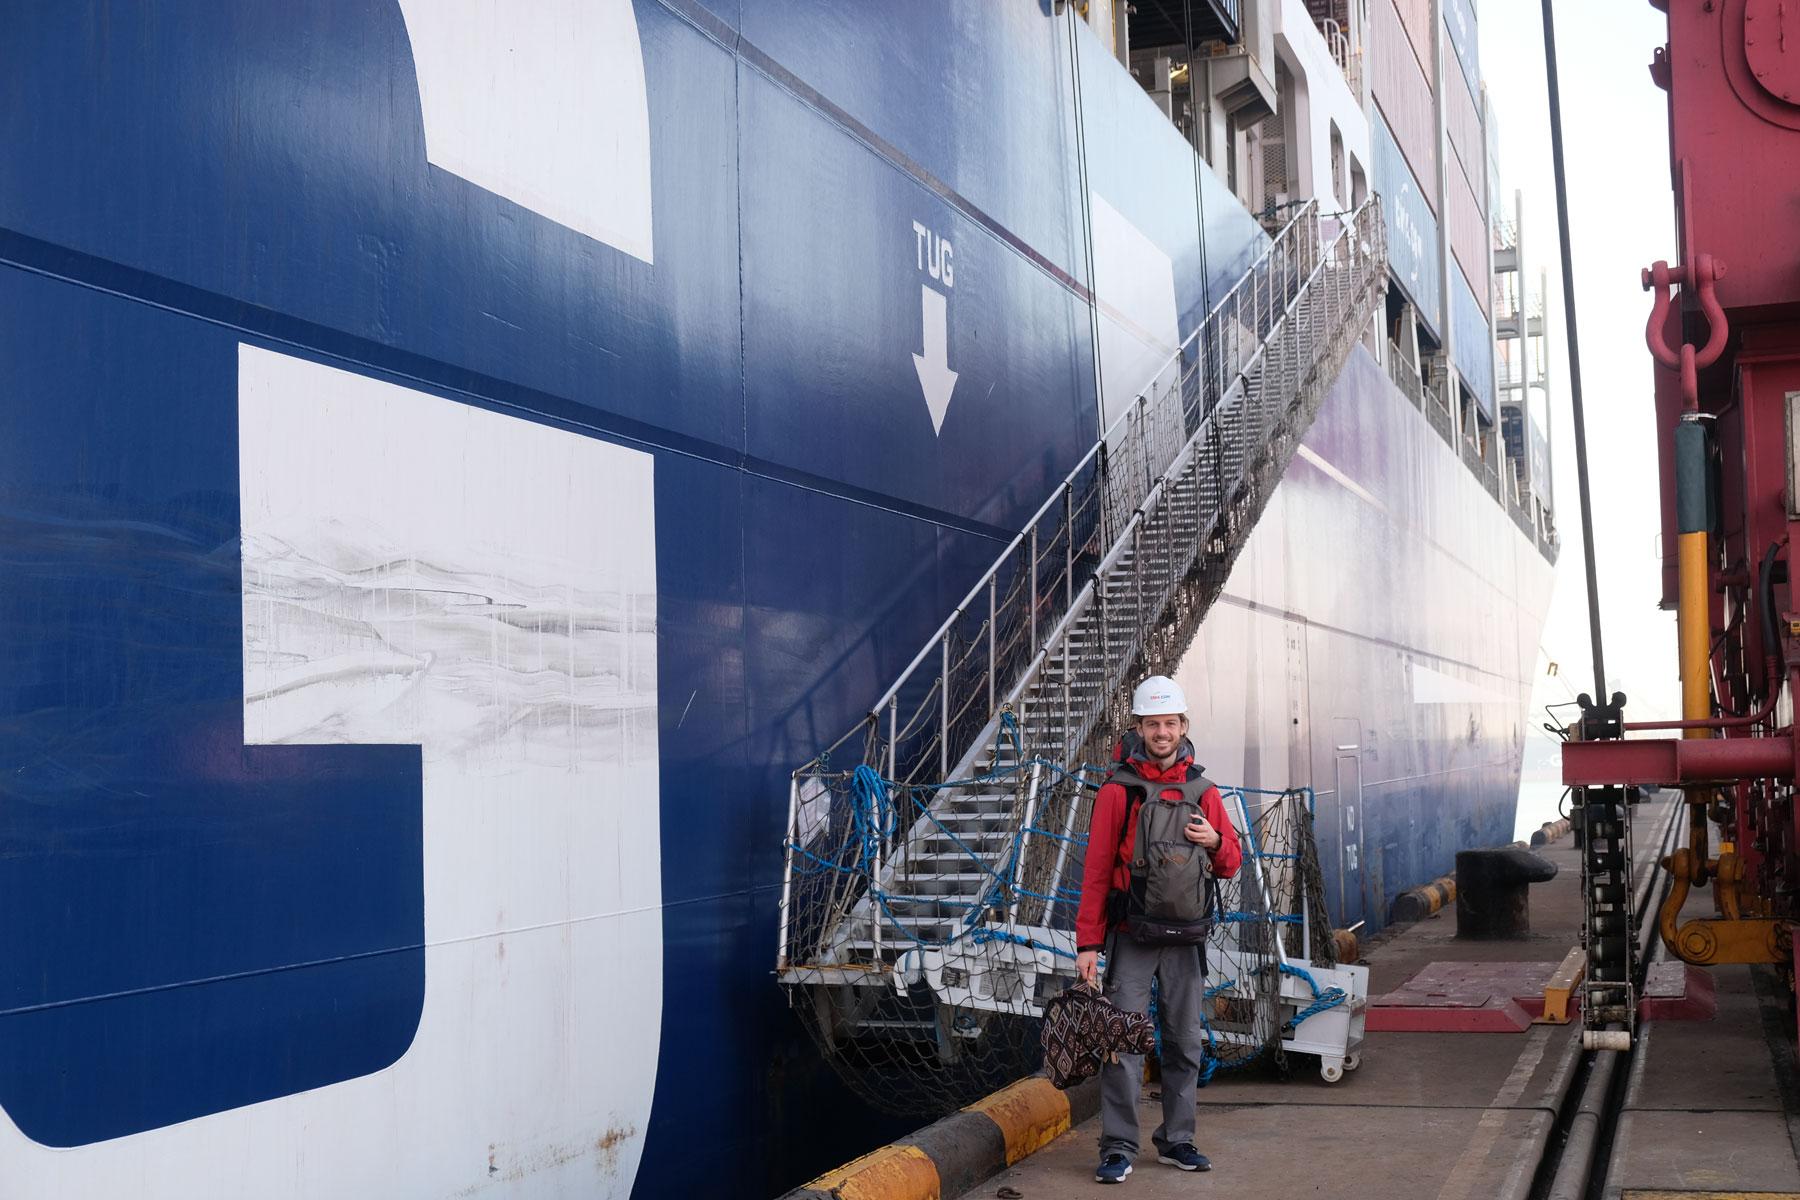 Sebastian steht vor der Gangway unseres Containerschiffs.